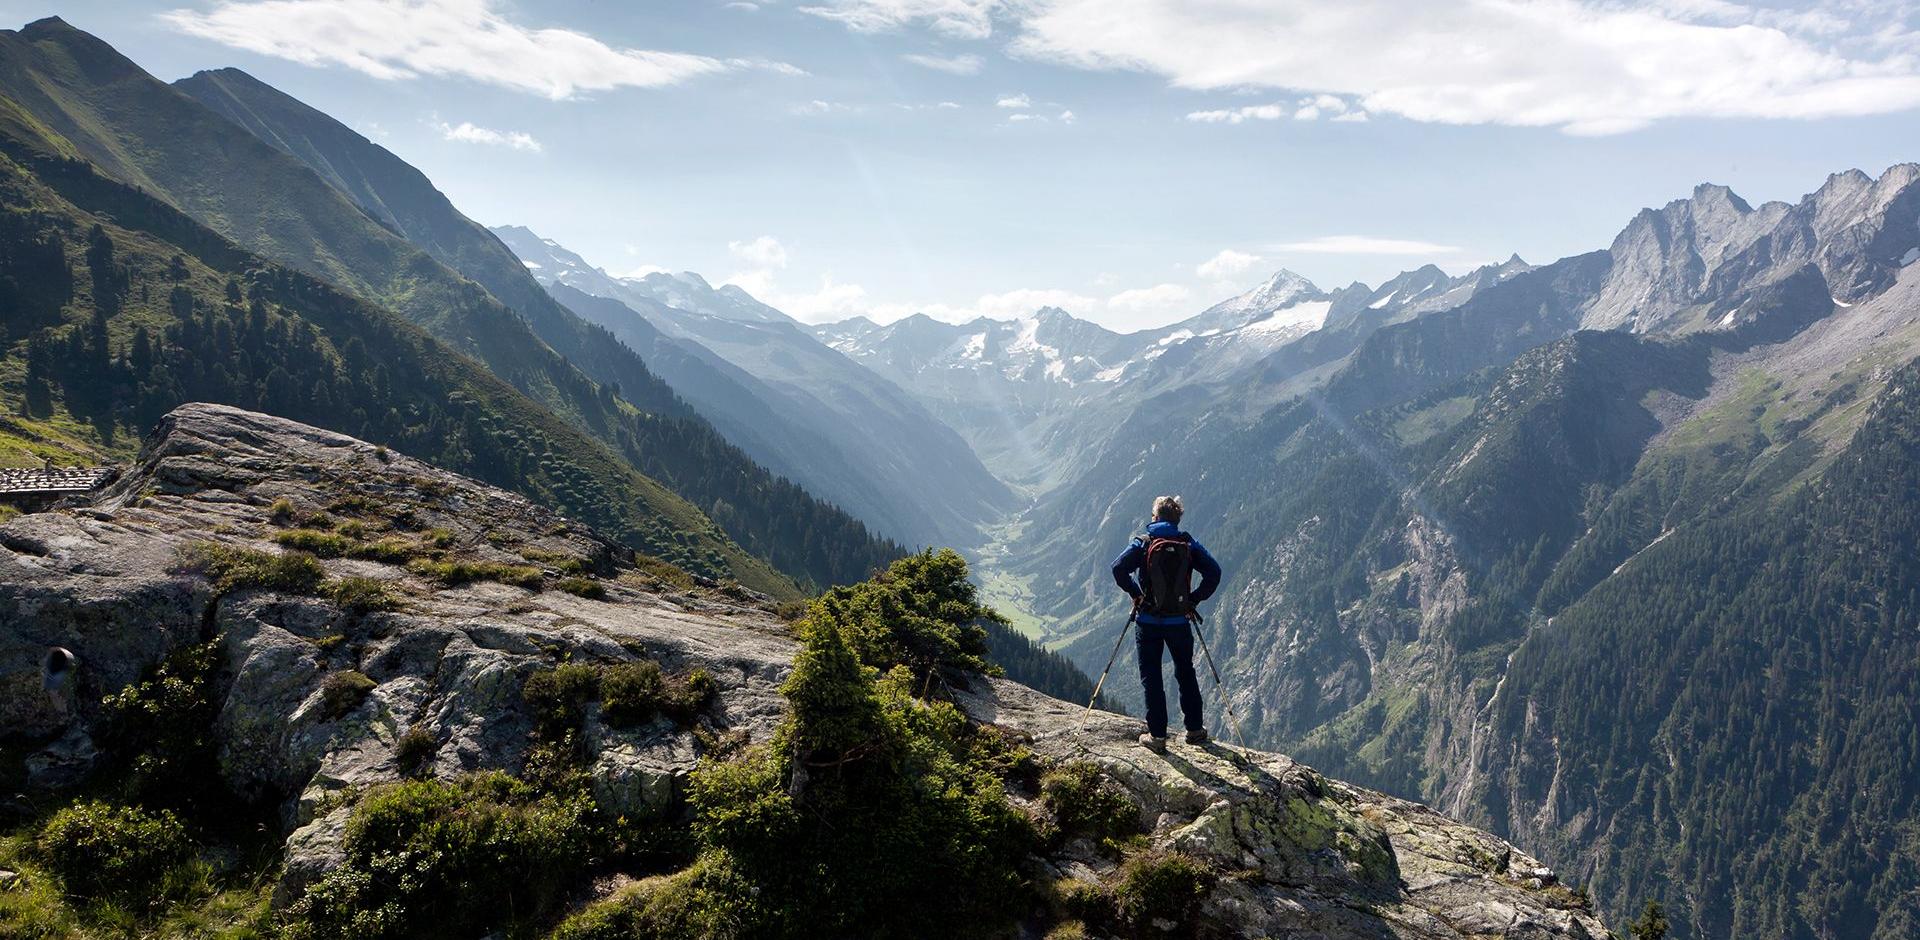 Wanderweg am Ahorn mit Peter Habeler in Mayrhofen